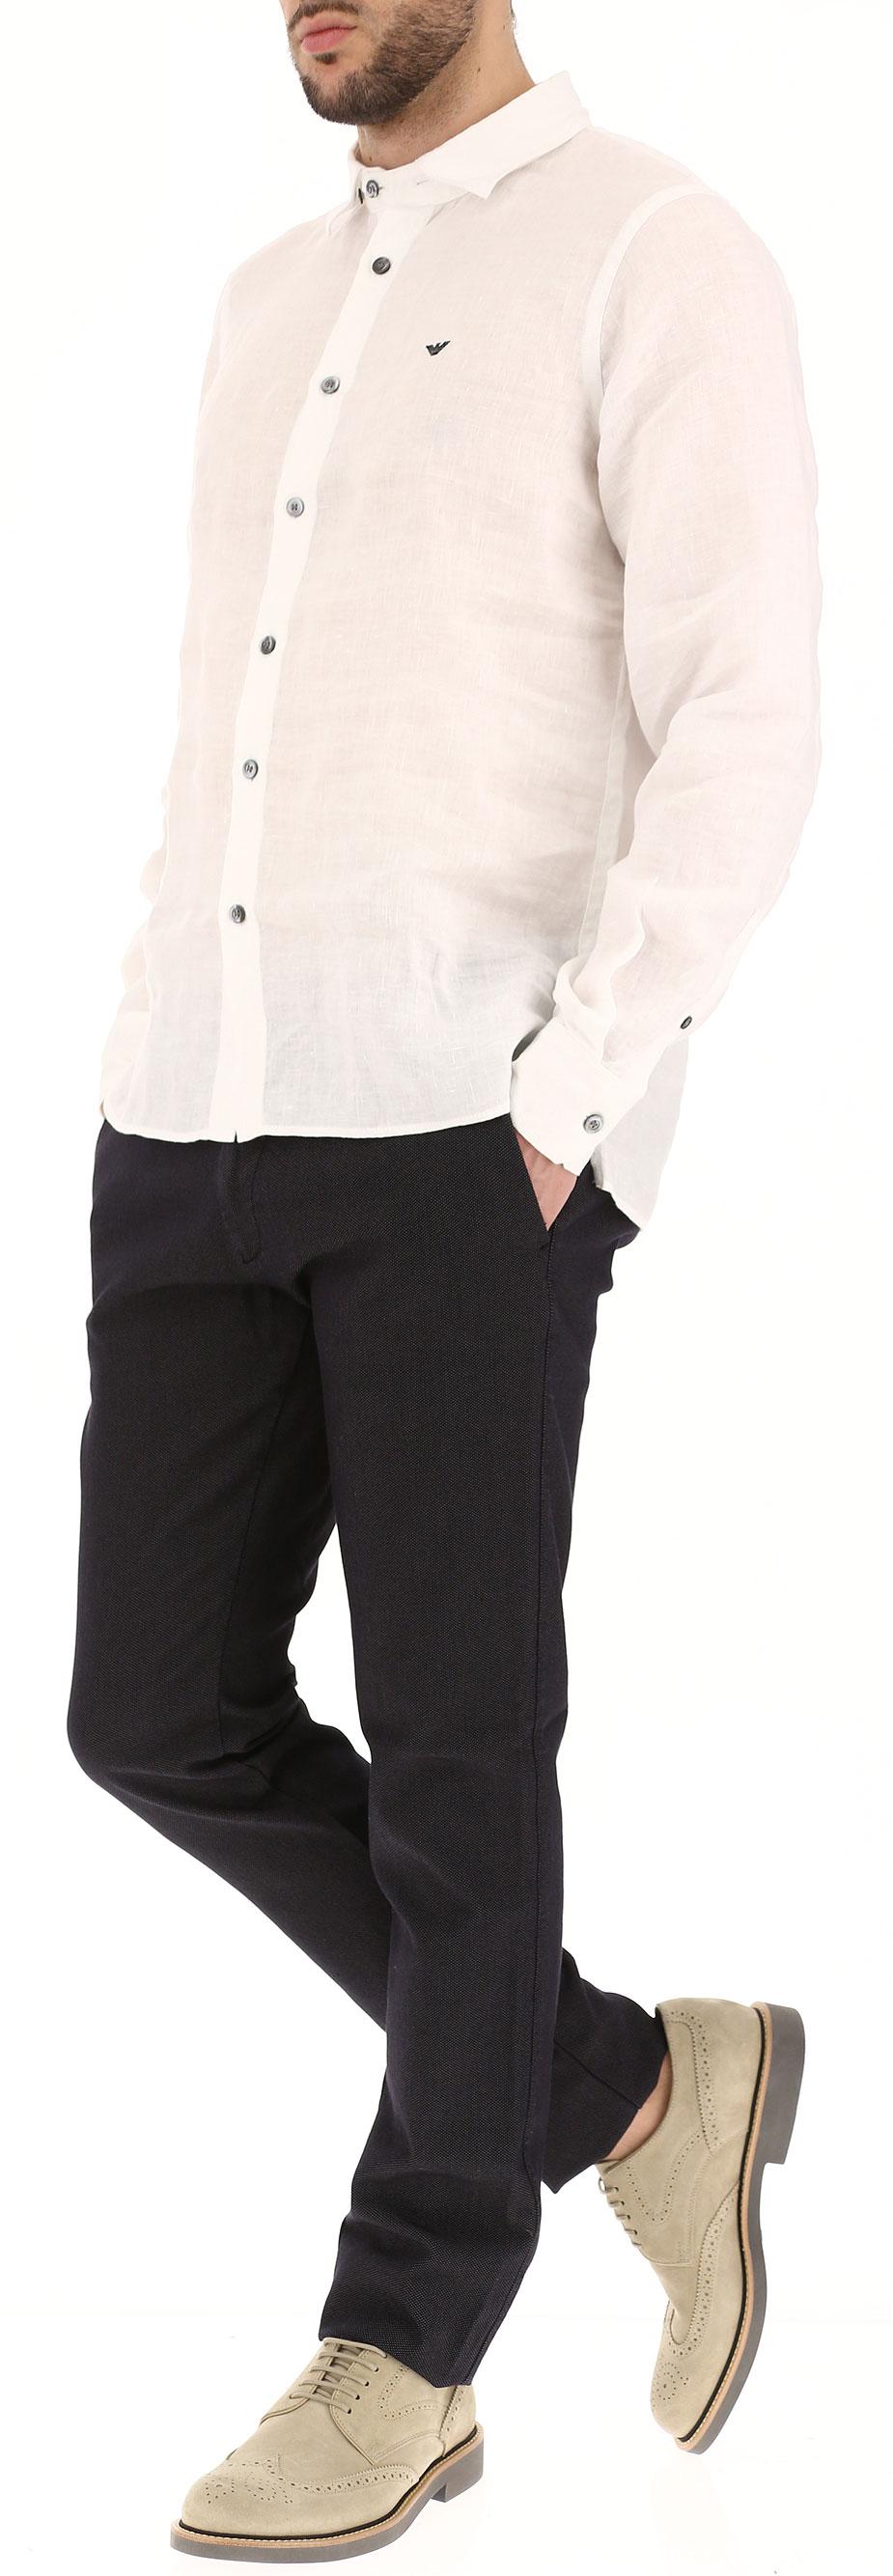 Emporio Abbigliamento 0100 Armani Articolo 1nfdz Codice Uomo Uomo 3z1cm3 Abbigliamento P4wCPqF